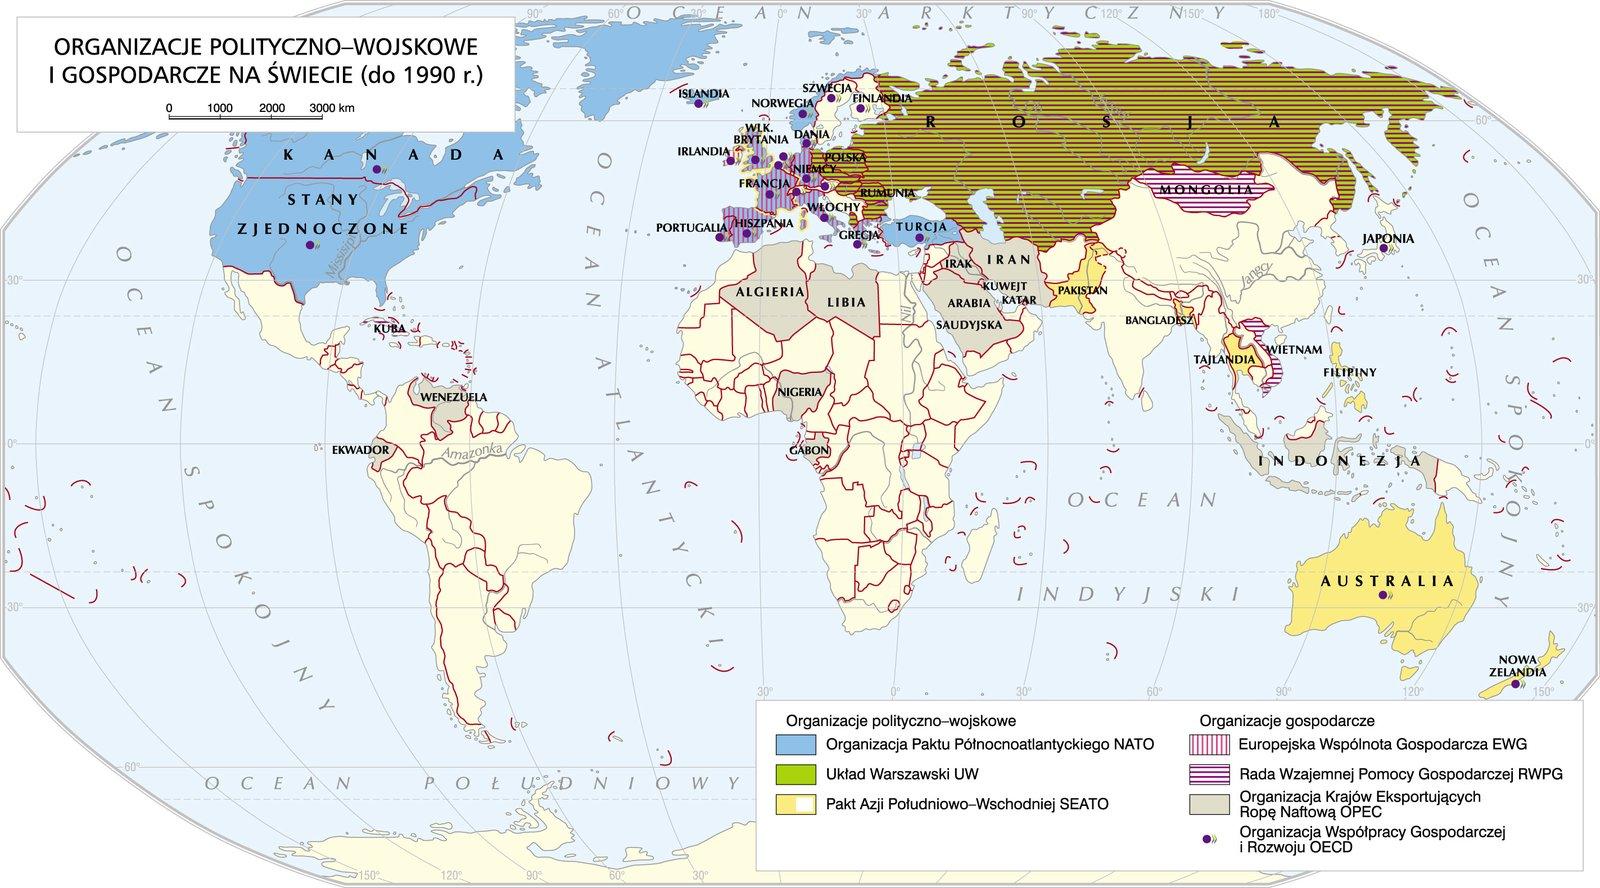 Organizacje międzynarodowe do 1990 Źródło: Krystian Chariza izespół, Organizacje międzynarodowe do 1990, licencja: CC BY-SA 3.0.